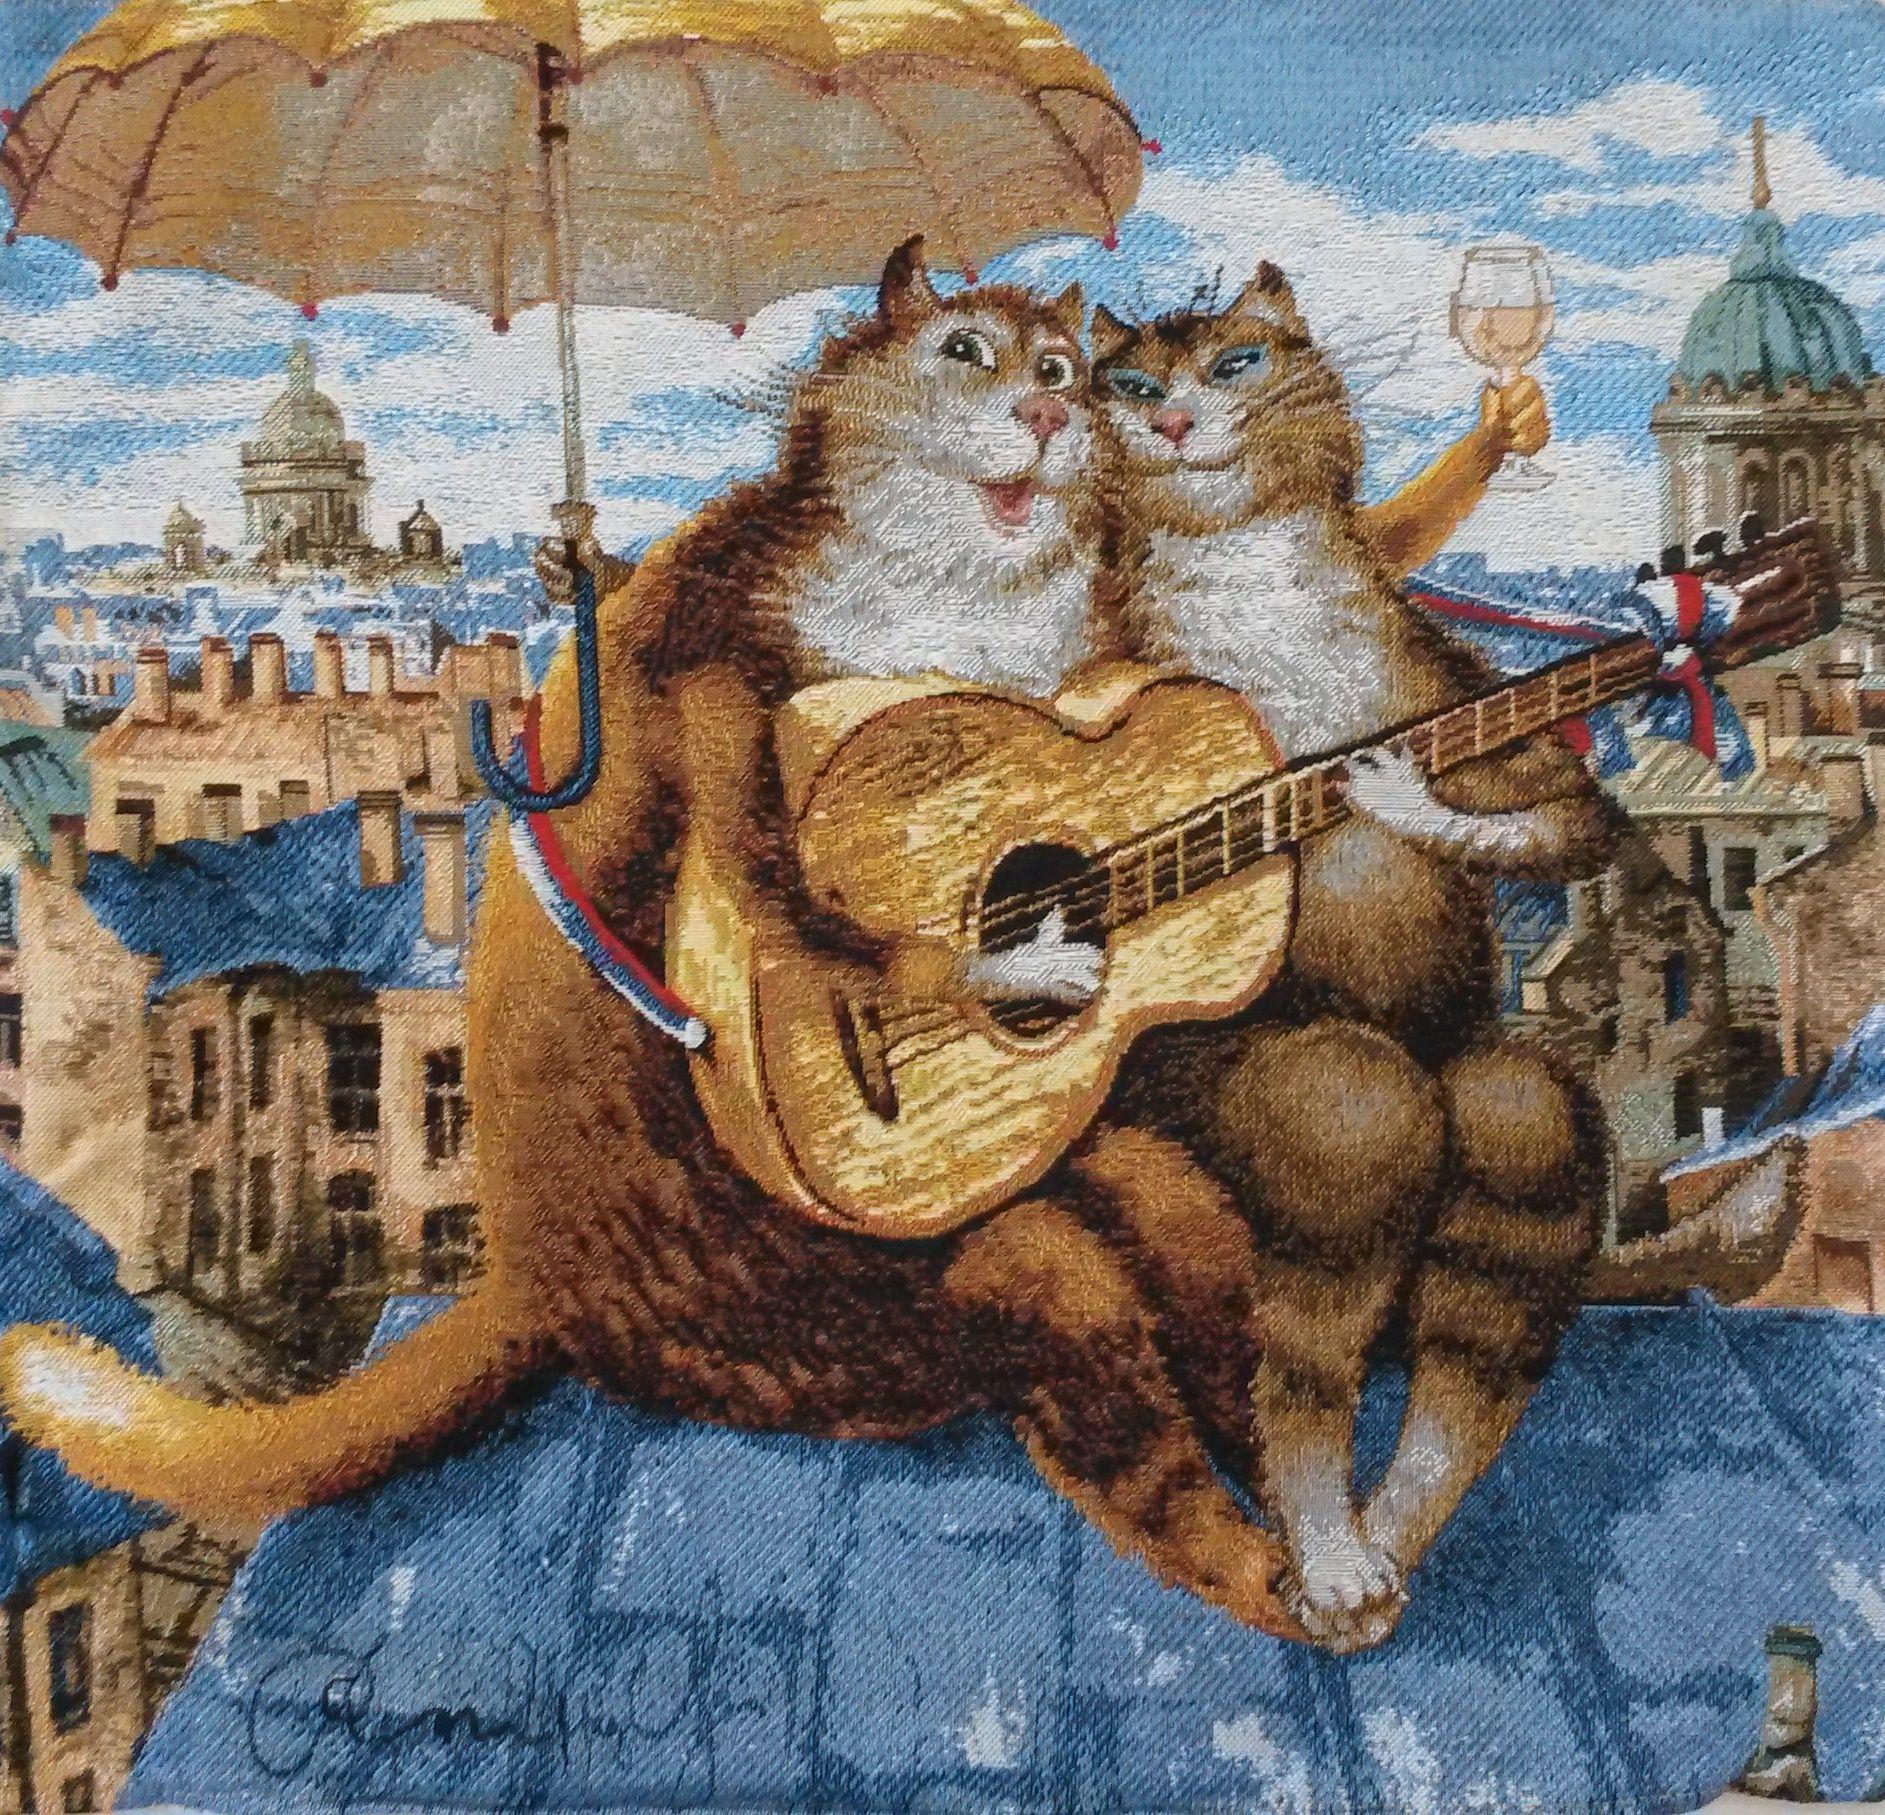 Открытки с питерскими котами владимира румянцева, картинки свадьбы открытки